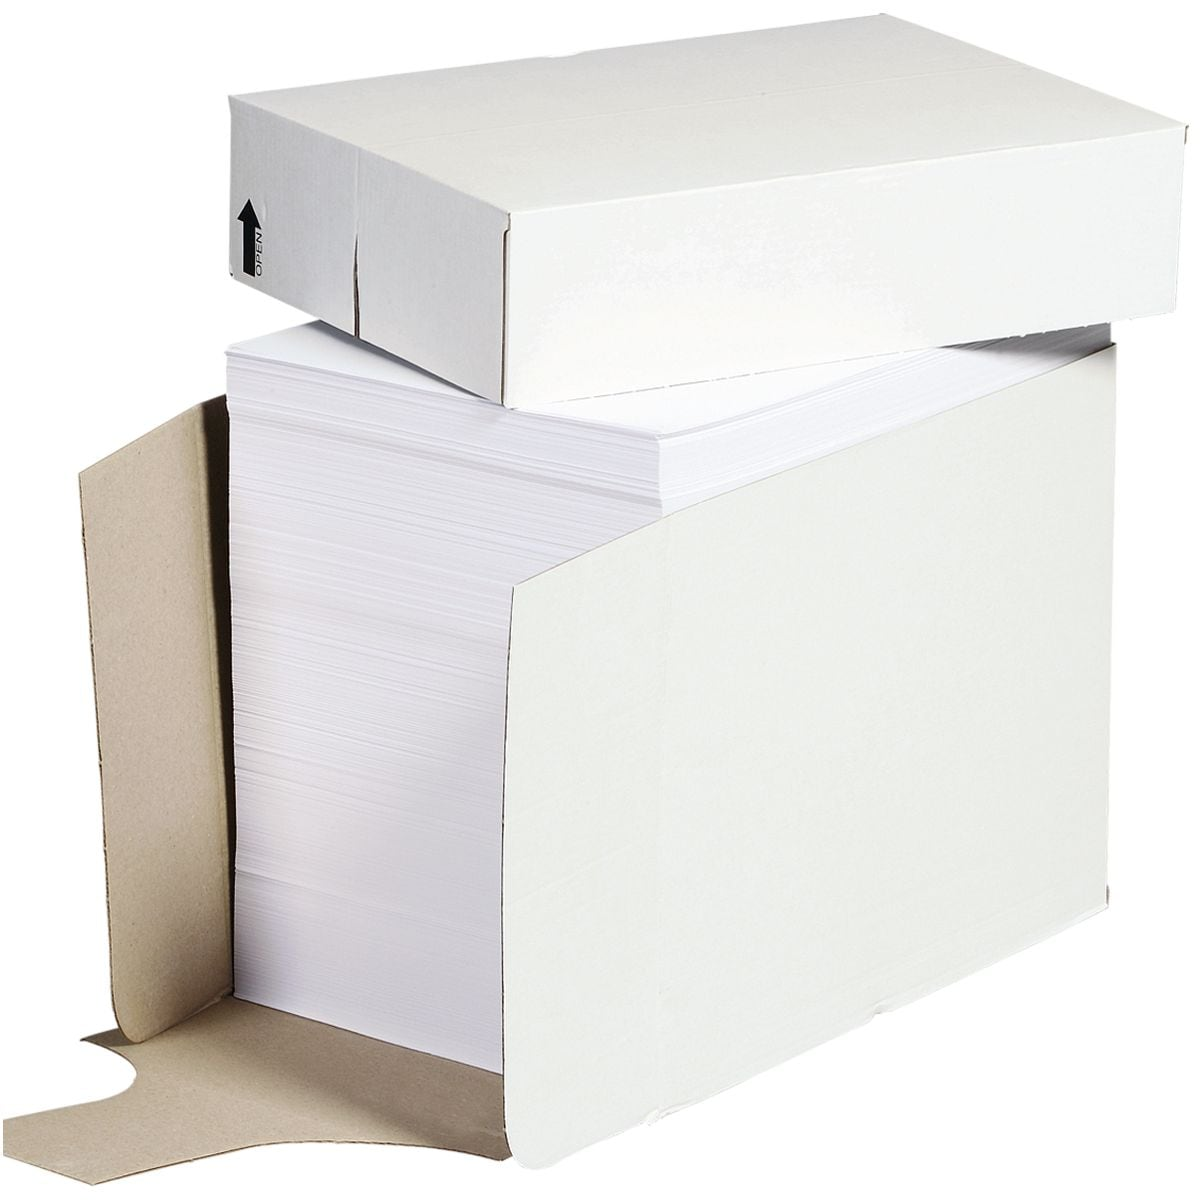 Öko-Box Kopierpapier A4 - 2500 Blatt gesamt, 80 g/m²